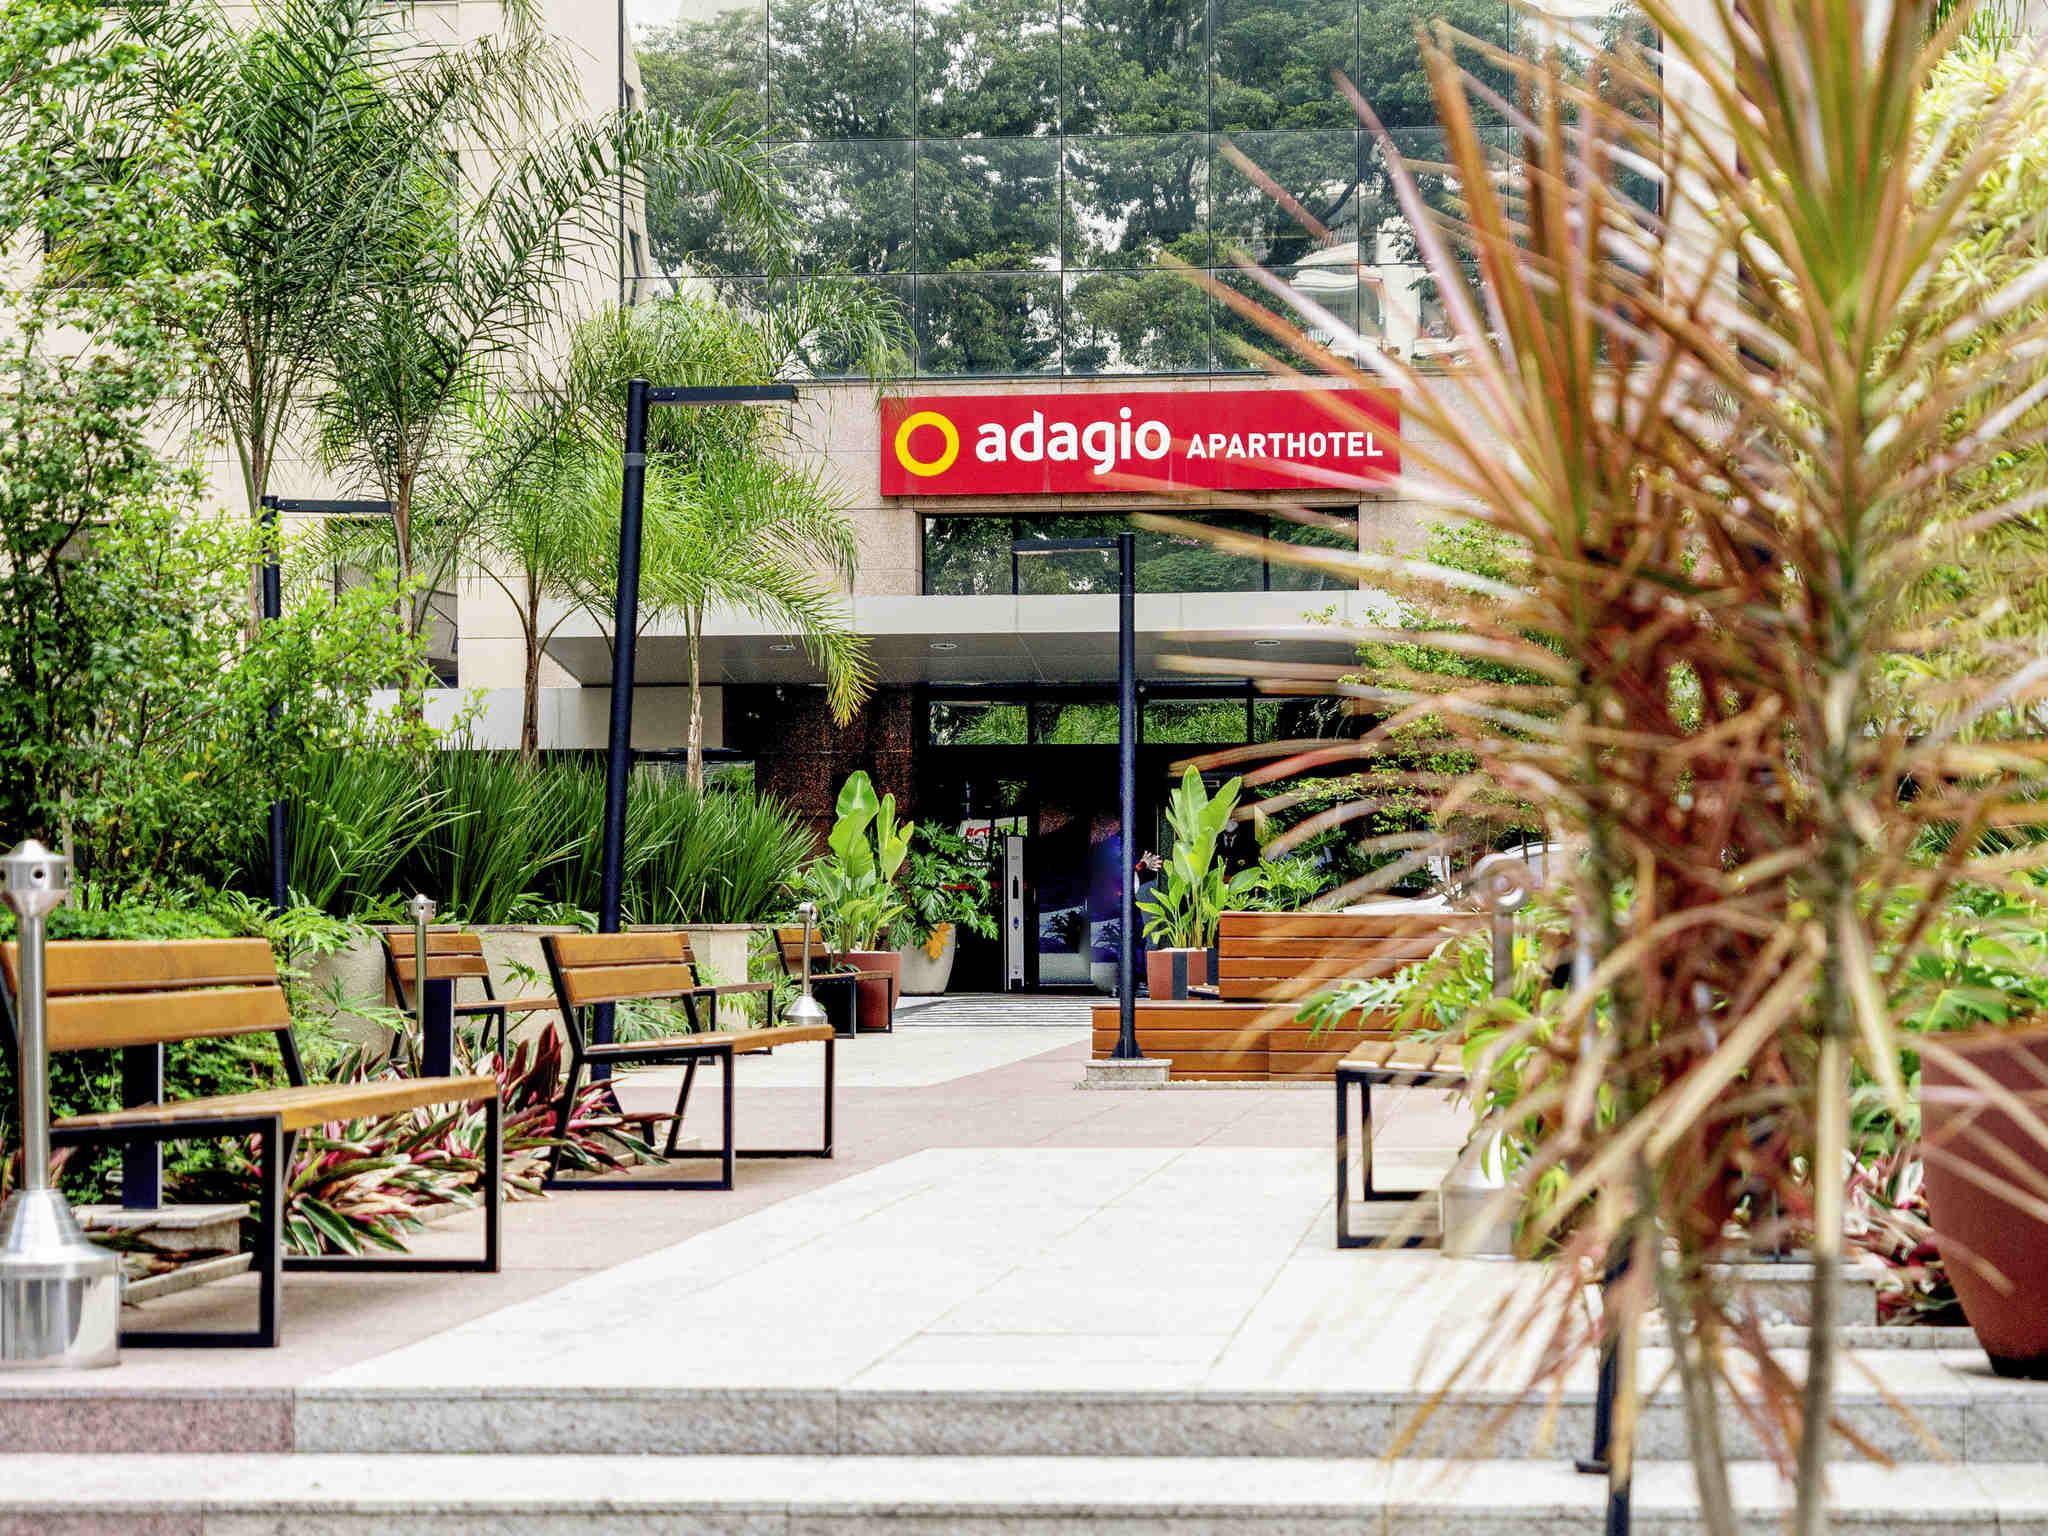 酒店 – 阿德吉奥圣保罗莫埃马酒店